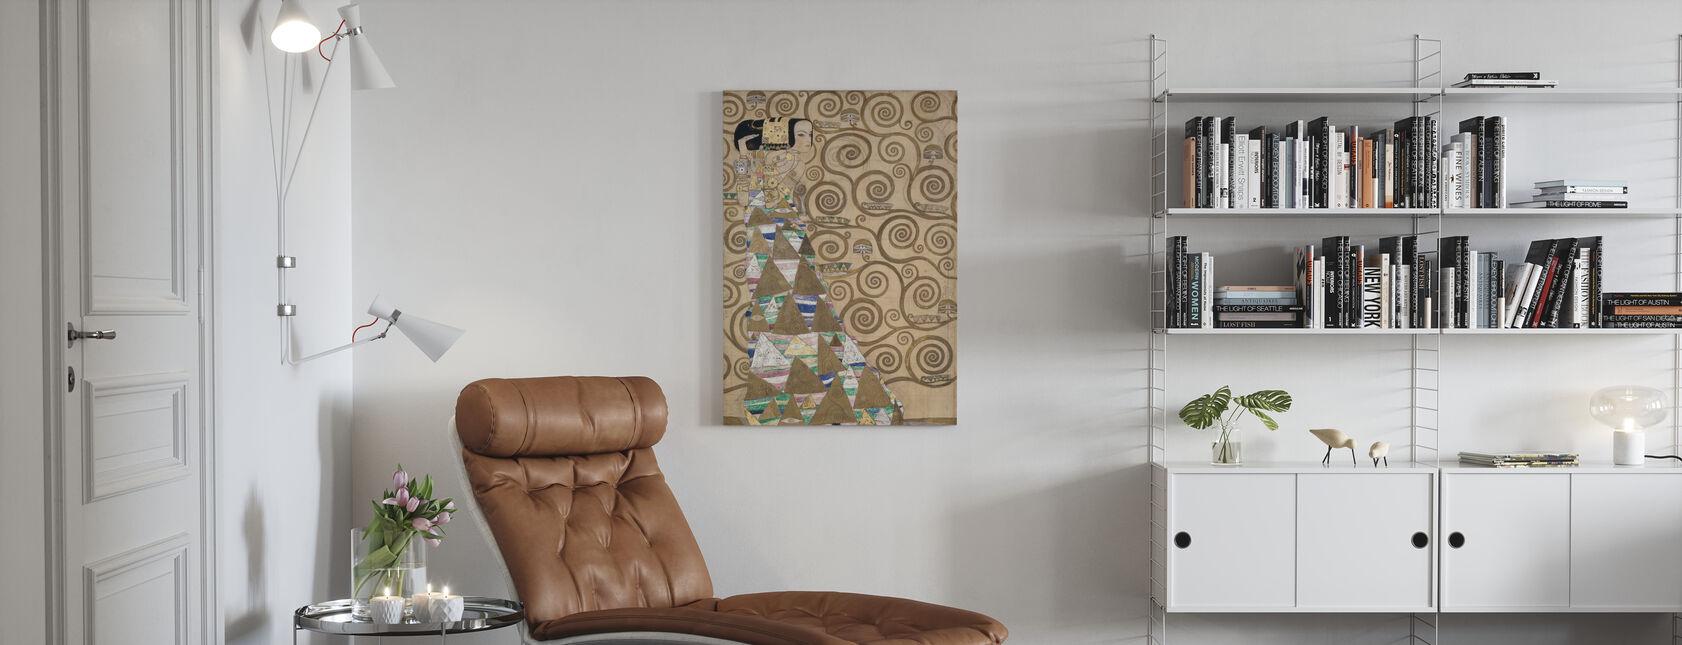 Förväntan - Gustav Klimt - Canvastavla - Vardagsrum